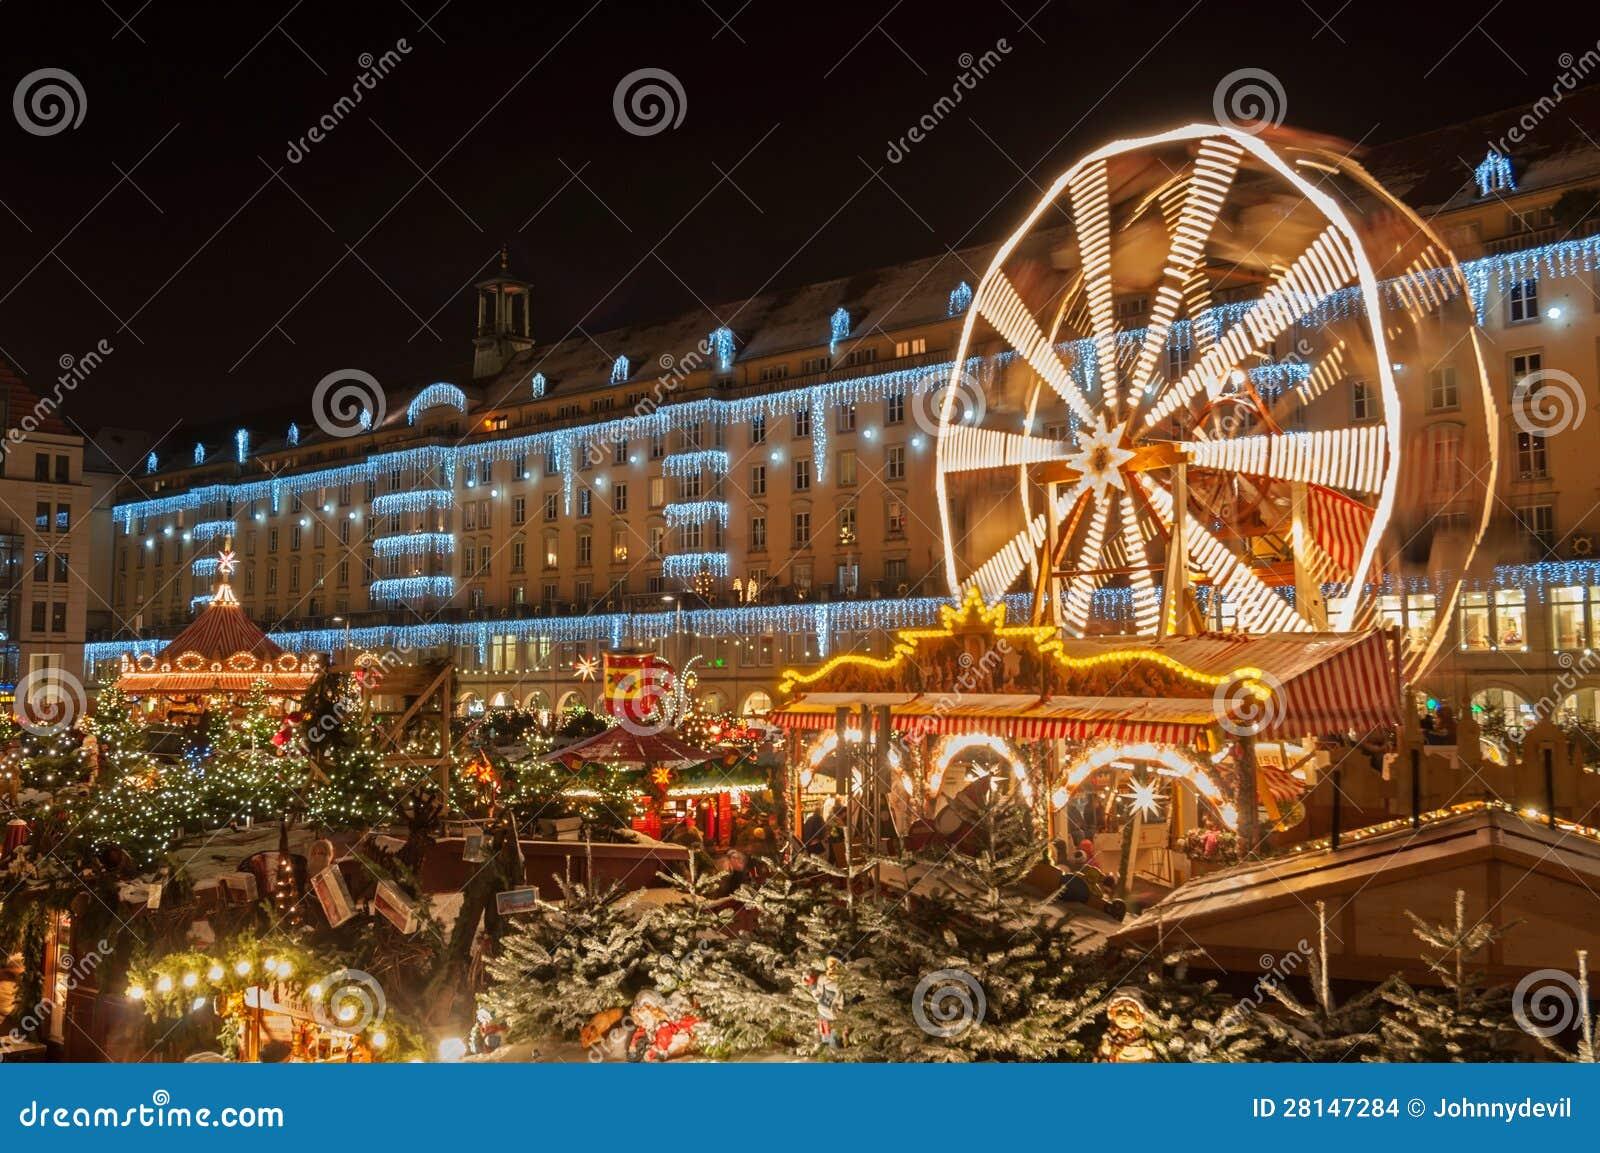 Weihnachtsmarkt In Dresden.Weihnachtsmarkt In Dresden Stockfoto Bild Von Deutschland 28147284